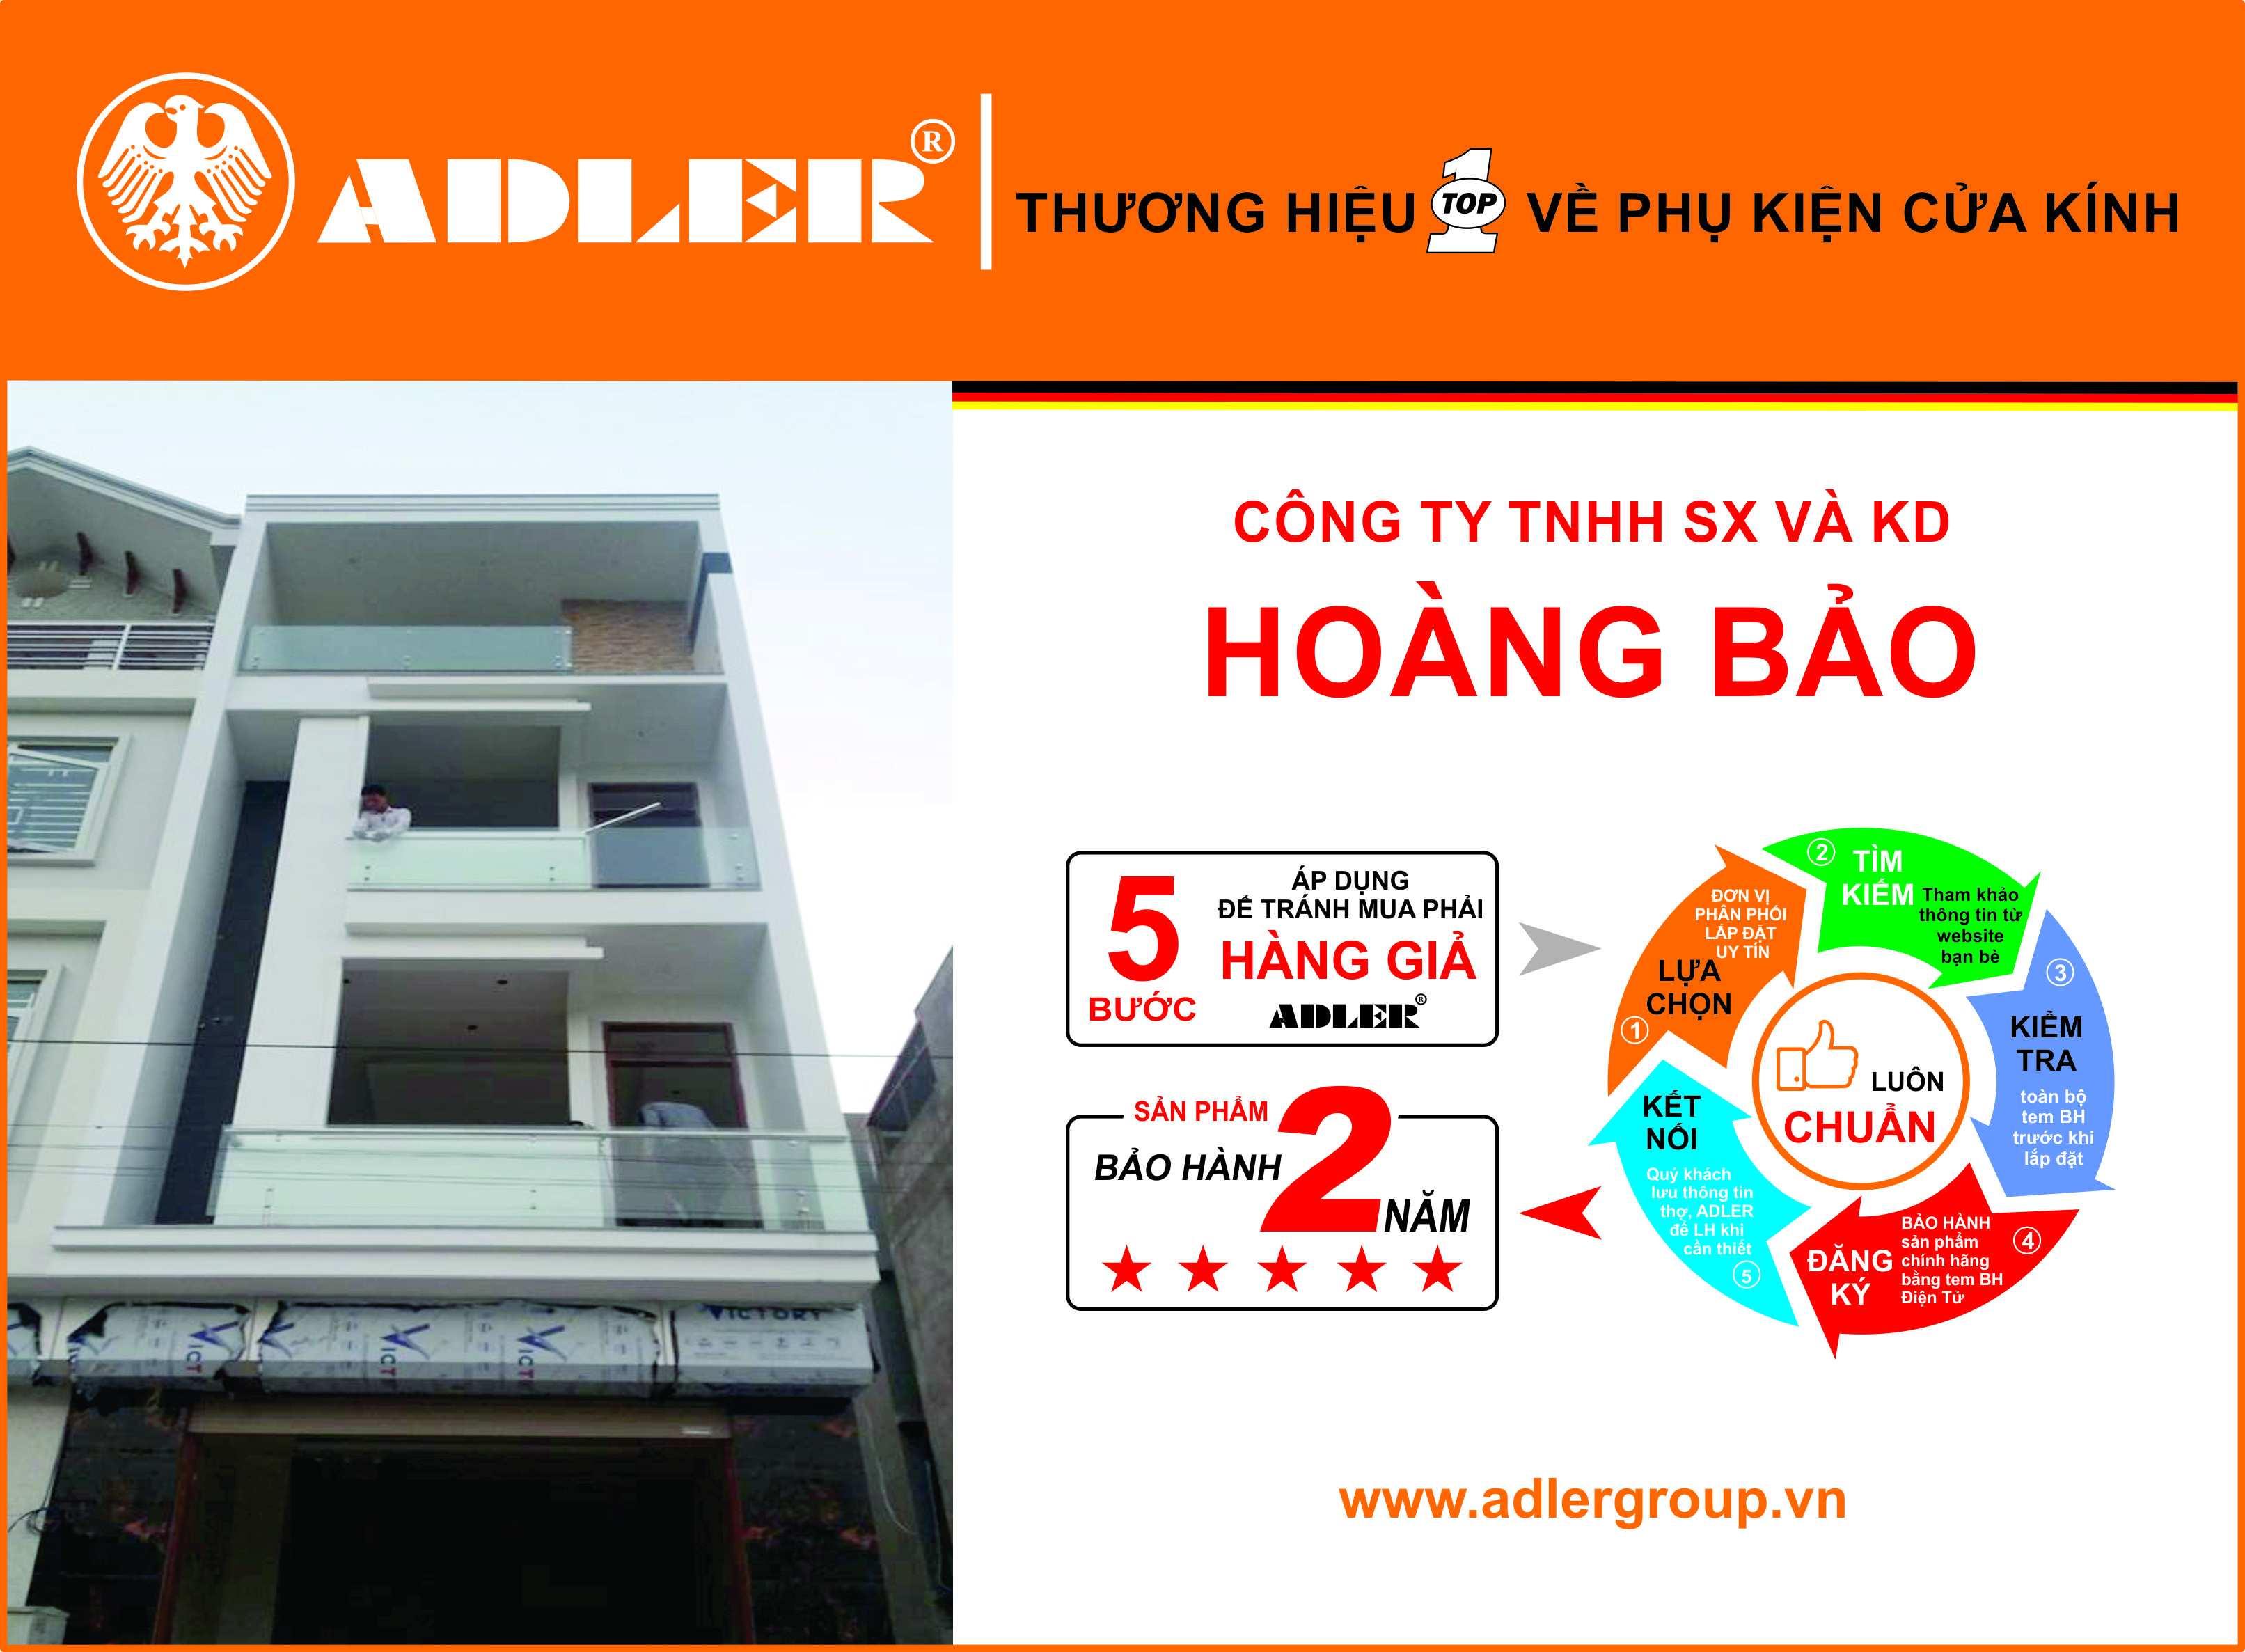 Adler cùng Công ty TNHH SX & KD Hoàng Bảo